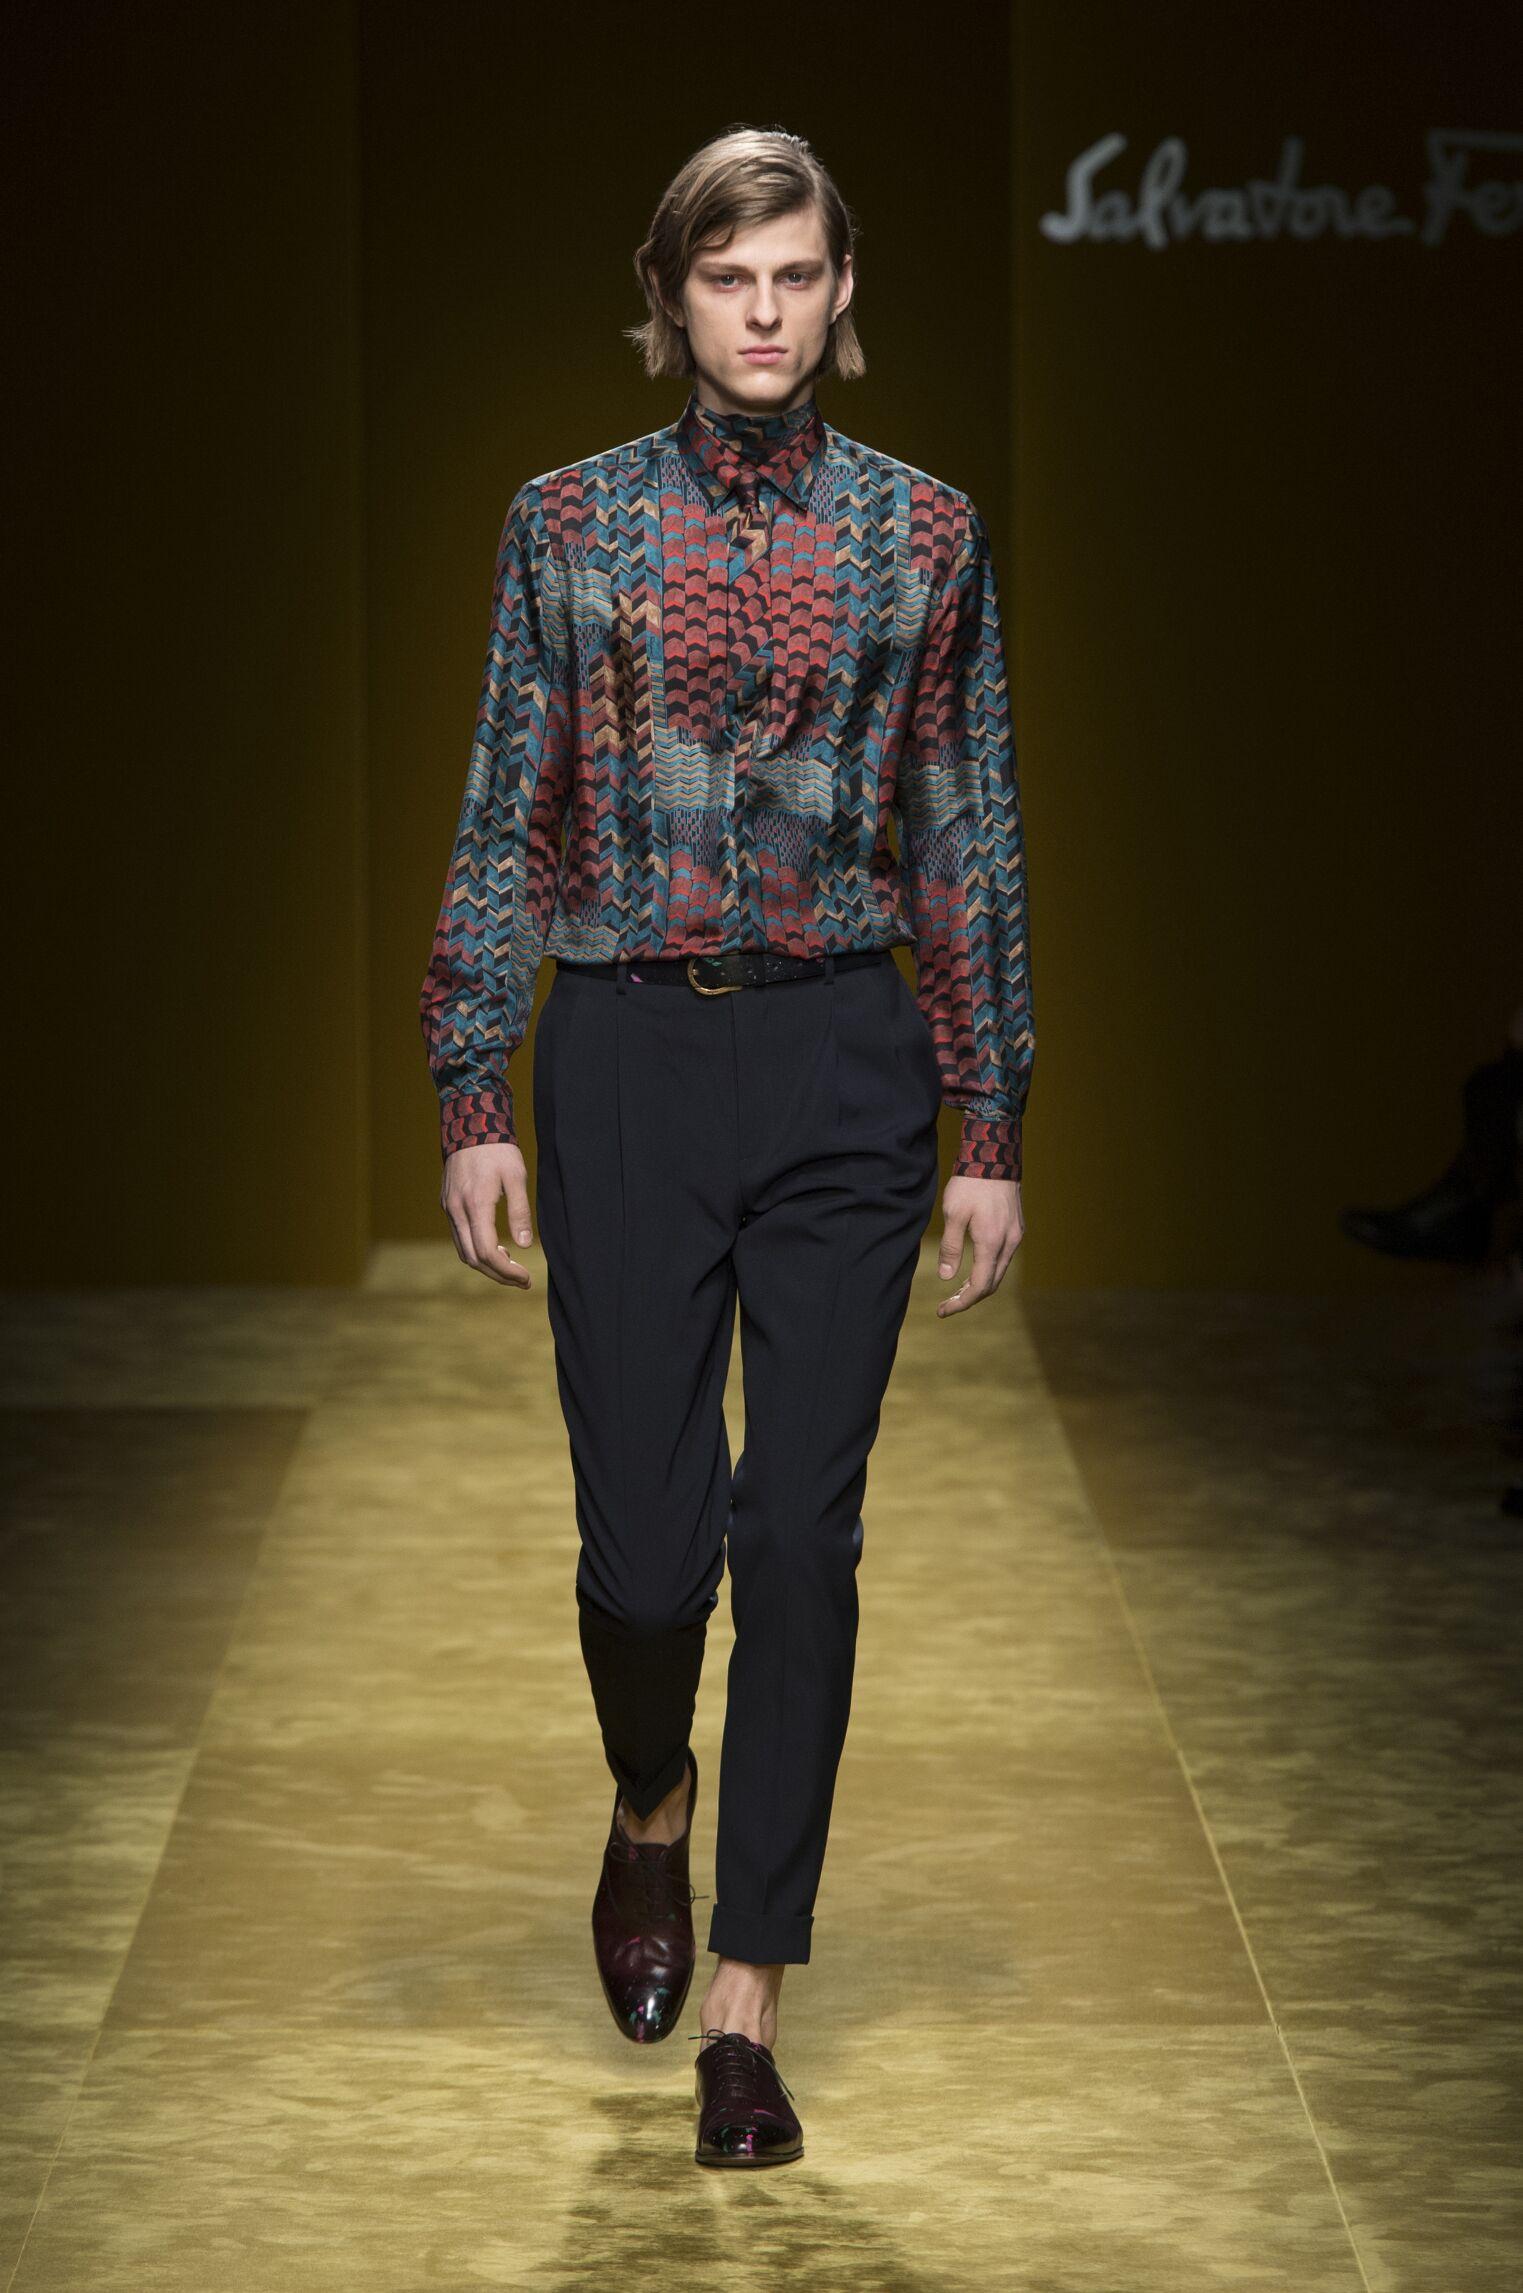 Salvatore Ferragamo FW 2016 Menswear